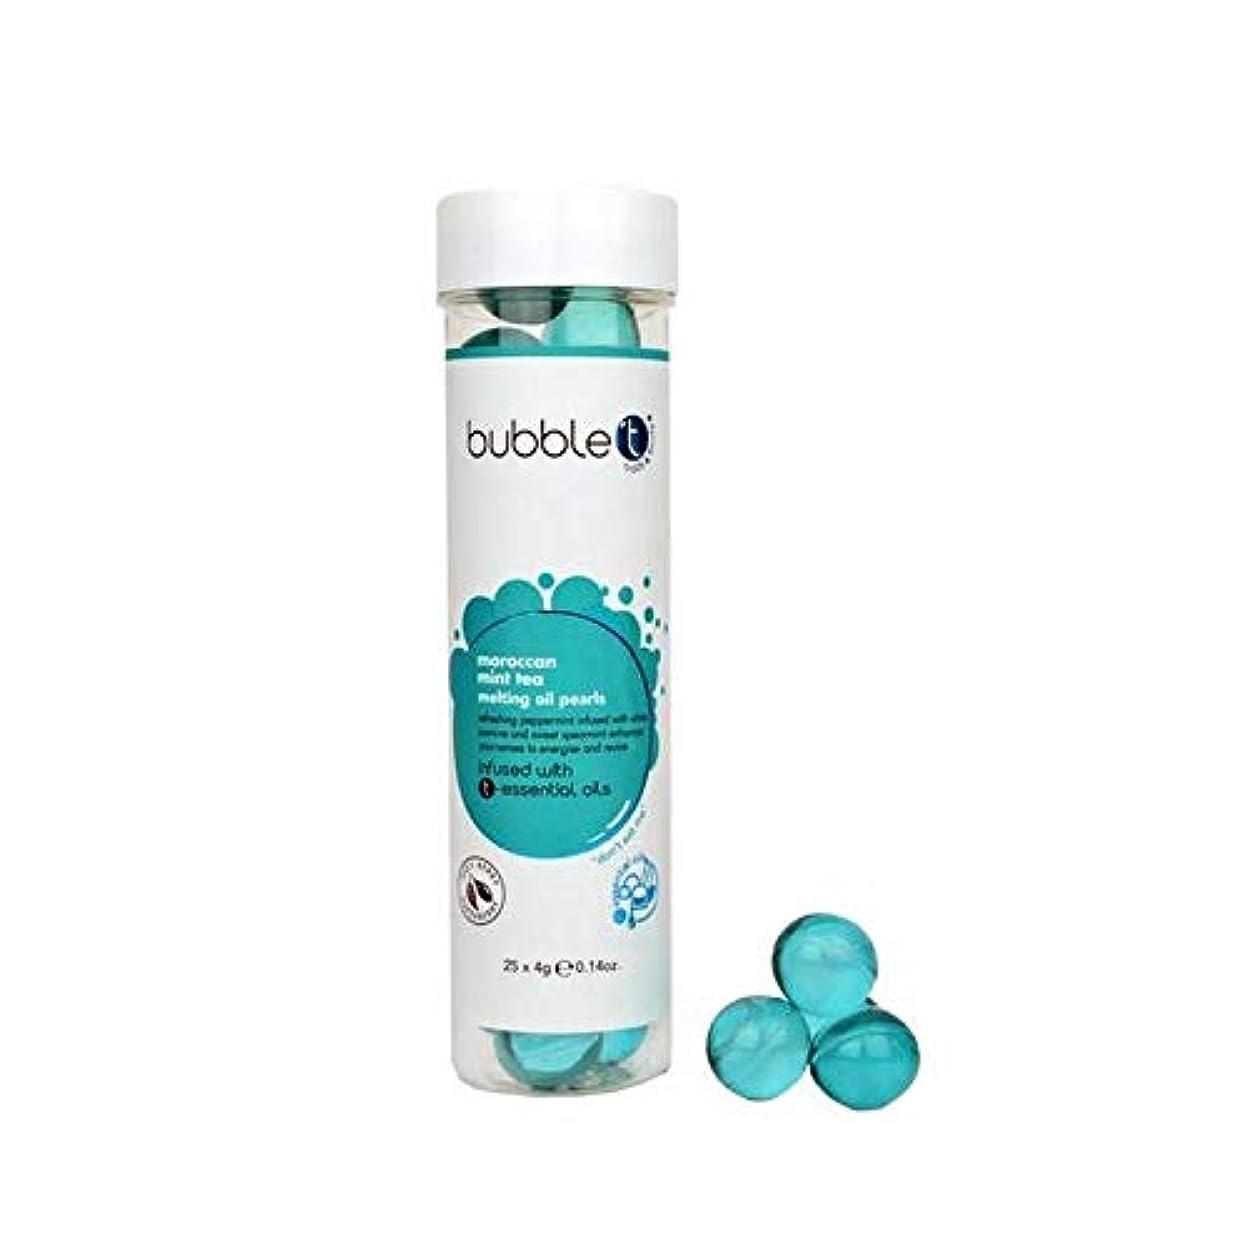 期待うなる裁判所[Bubble T ] バブルトン化粧品モロッコのミントティー風呂真珠の100グラム - Bubble T Cosmetics Moroccan Mint Tea Bath Pearls 100g [並行輸入品]